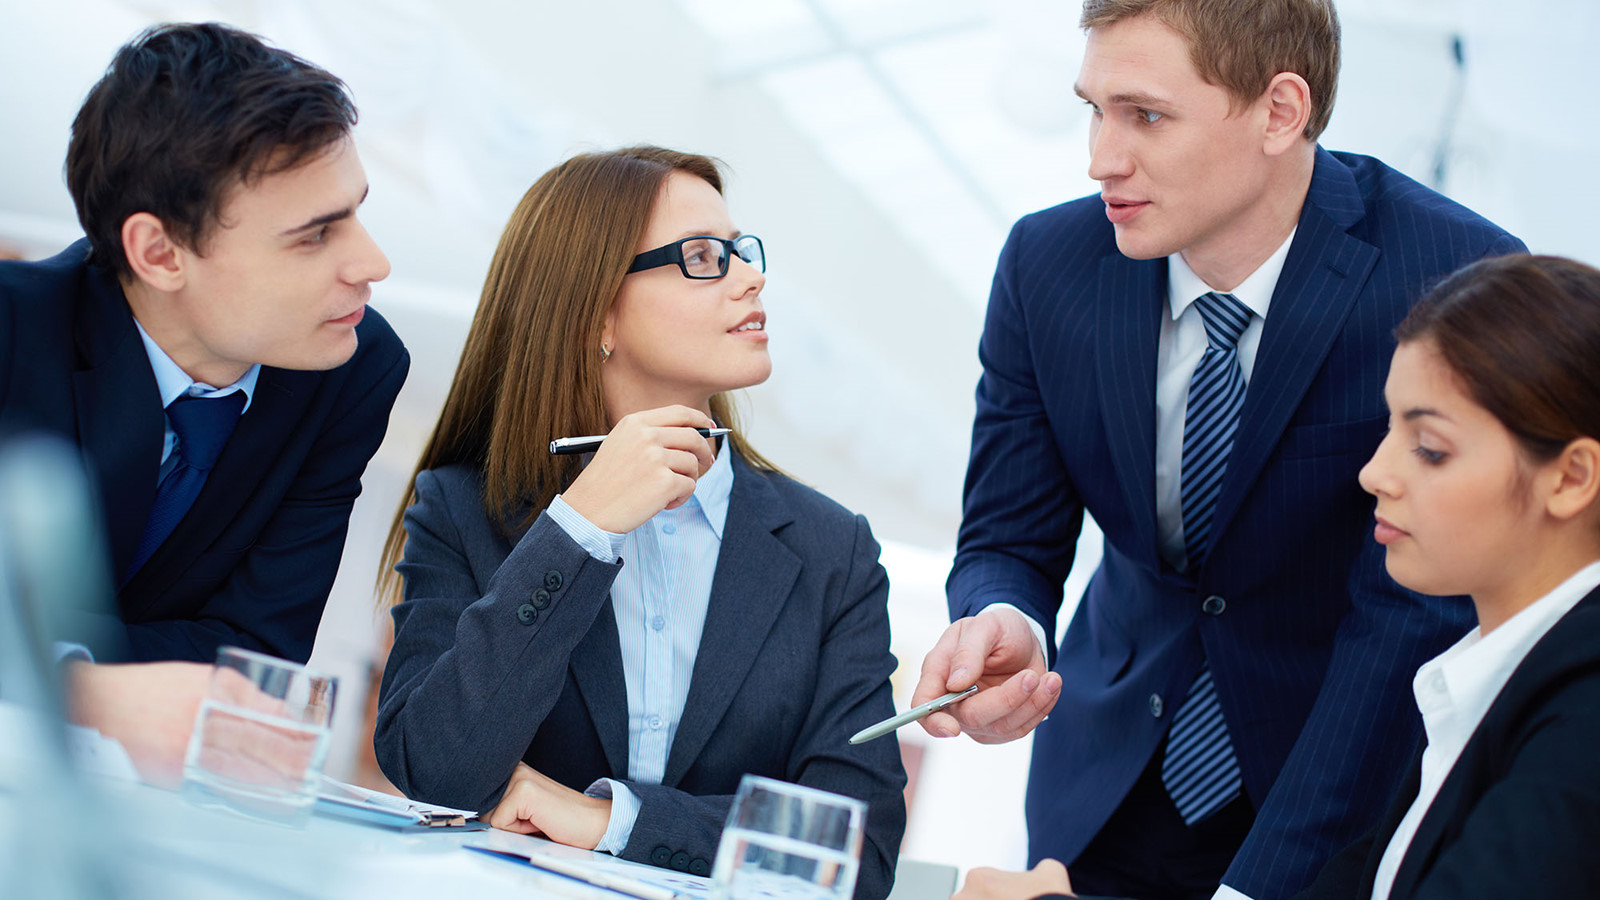 Tìm hiểu kỹ năng quan sát trong giao tiếp & cách rèn luyện kỹ năng đó